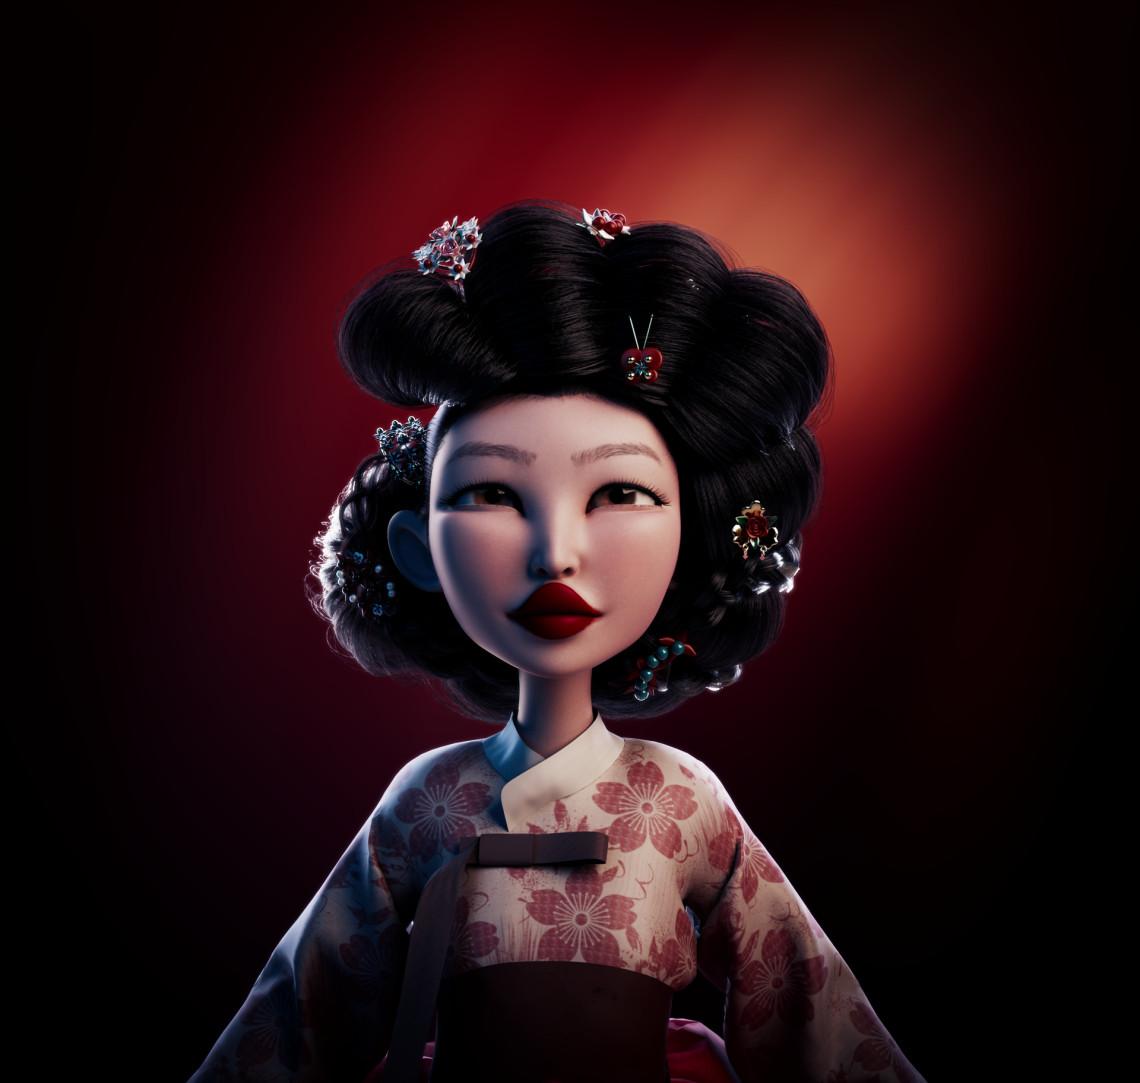 Gisaeng  韩国艺伎角色设计   设计师:Méline Pischedda